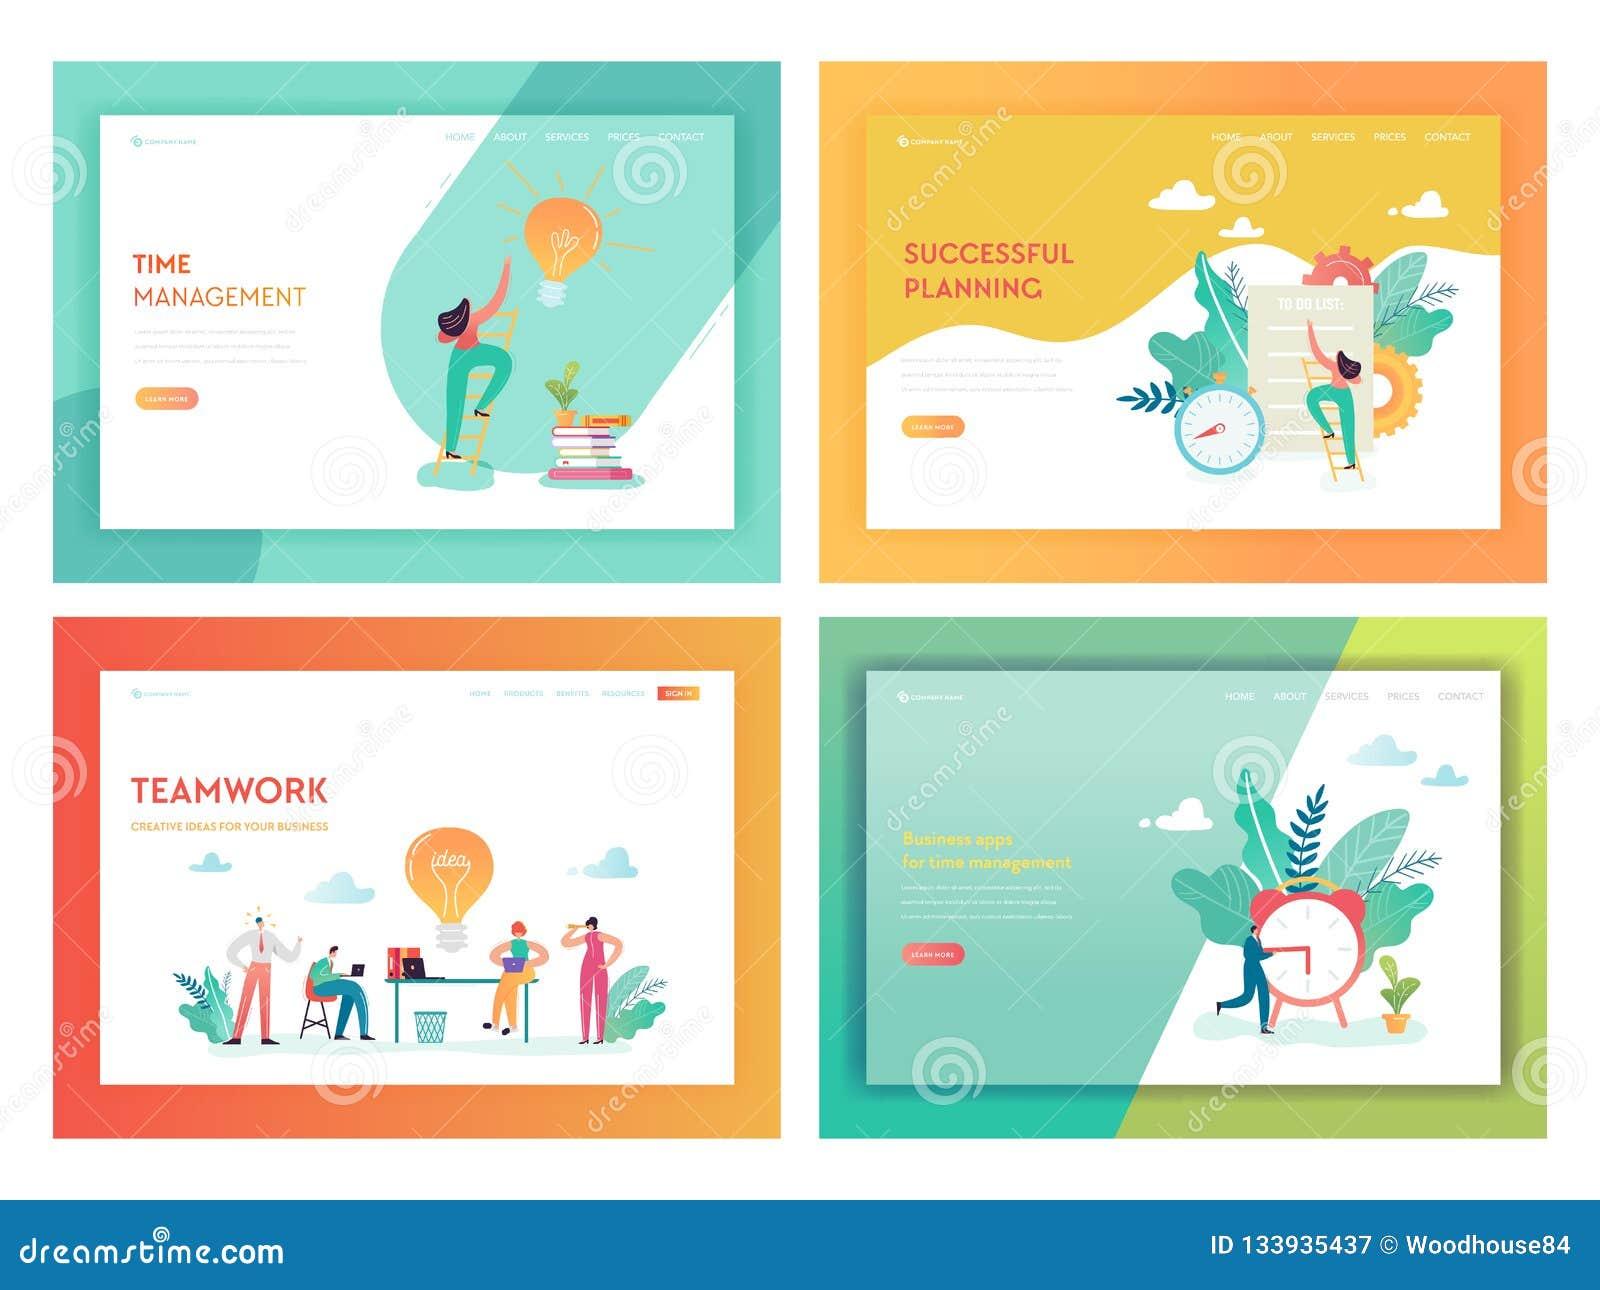 配合时间管理着陆页模板 企划与运作创造性的想法的字符的战略概念